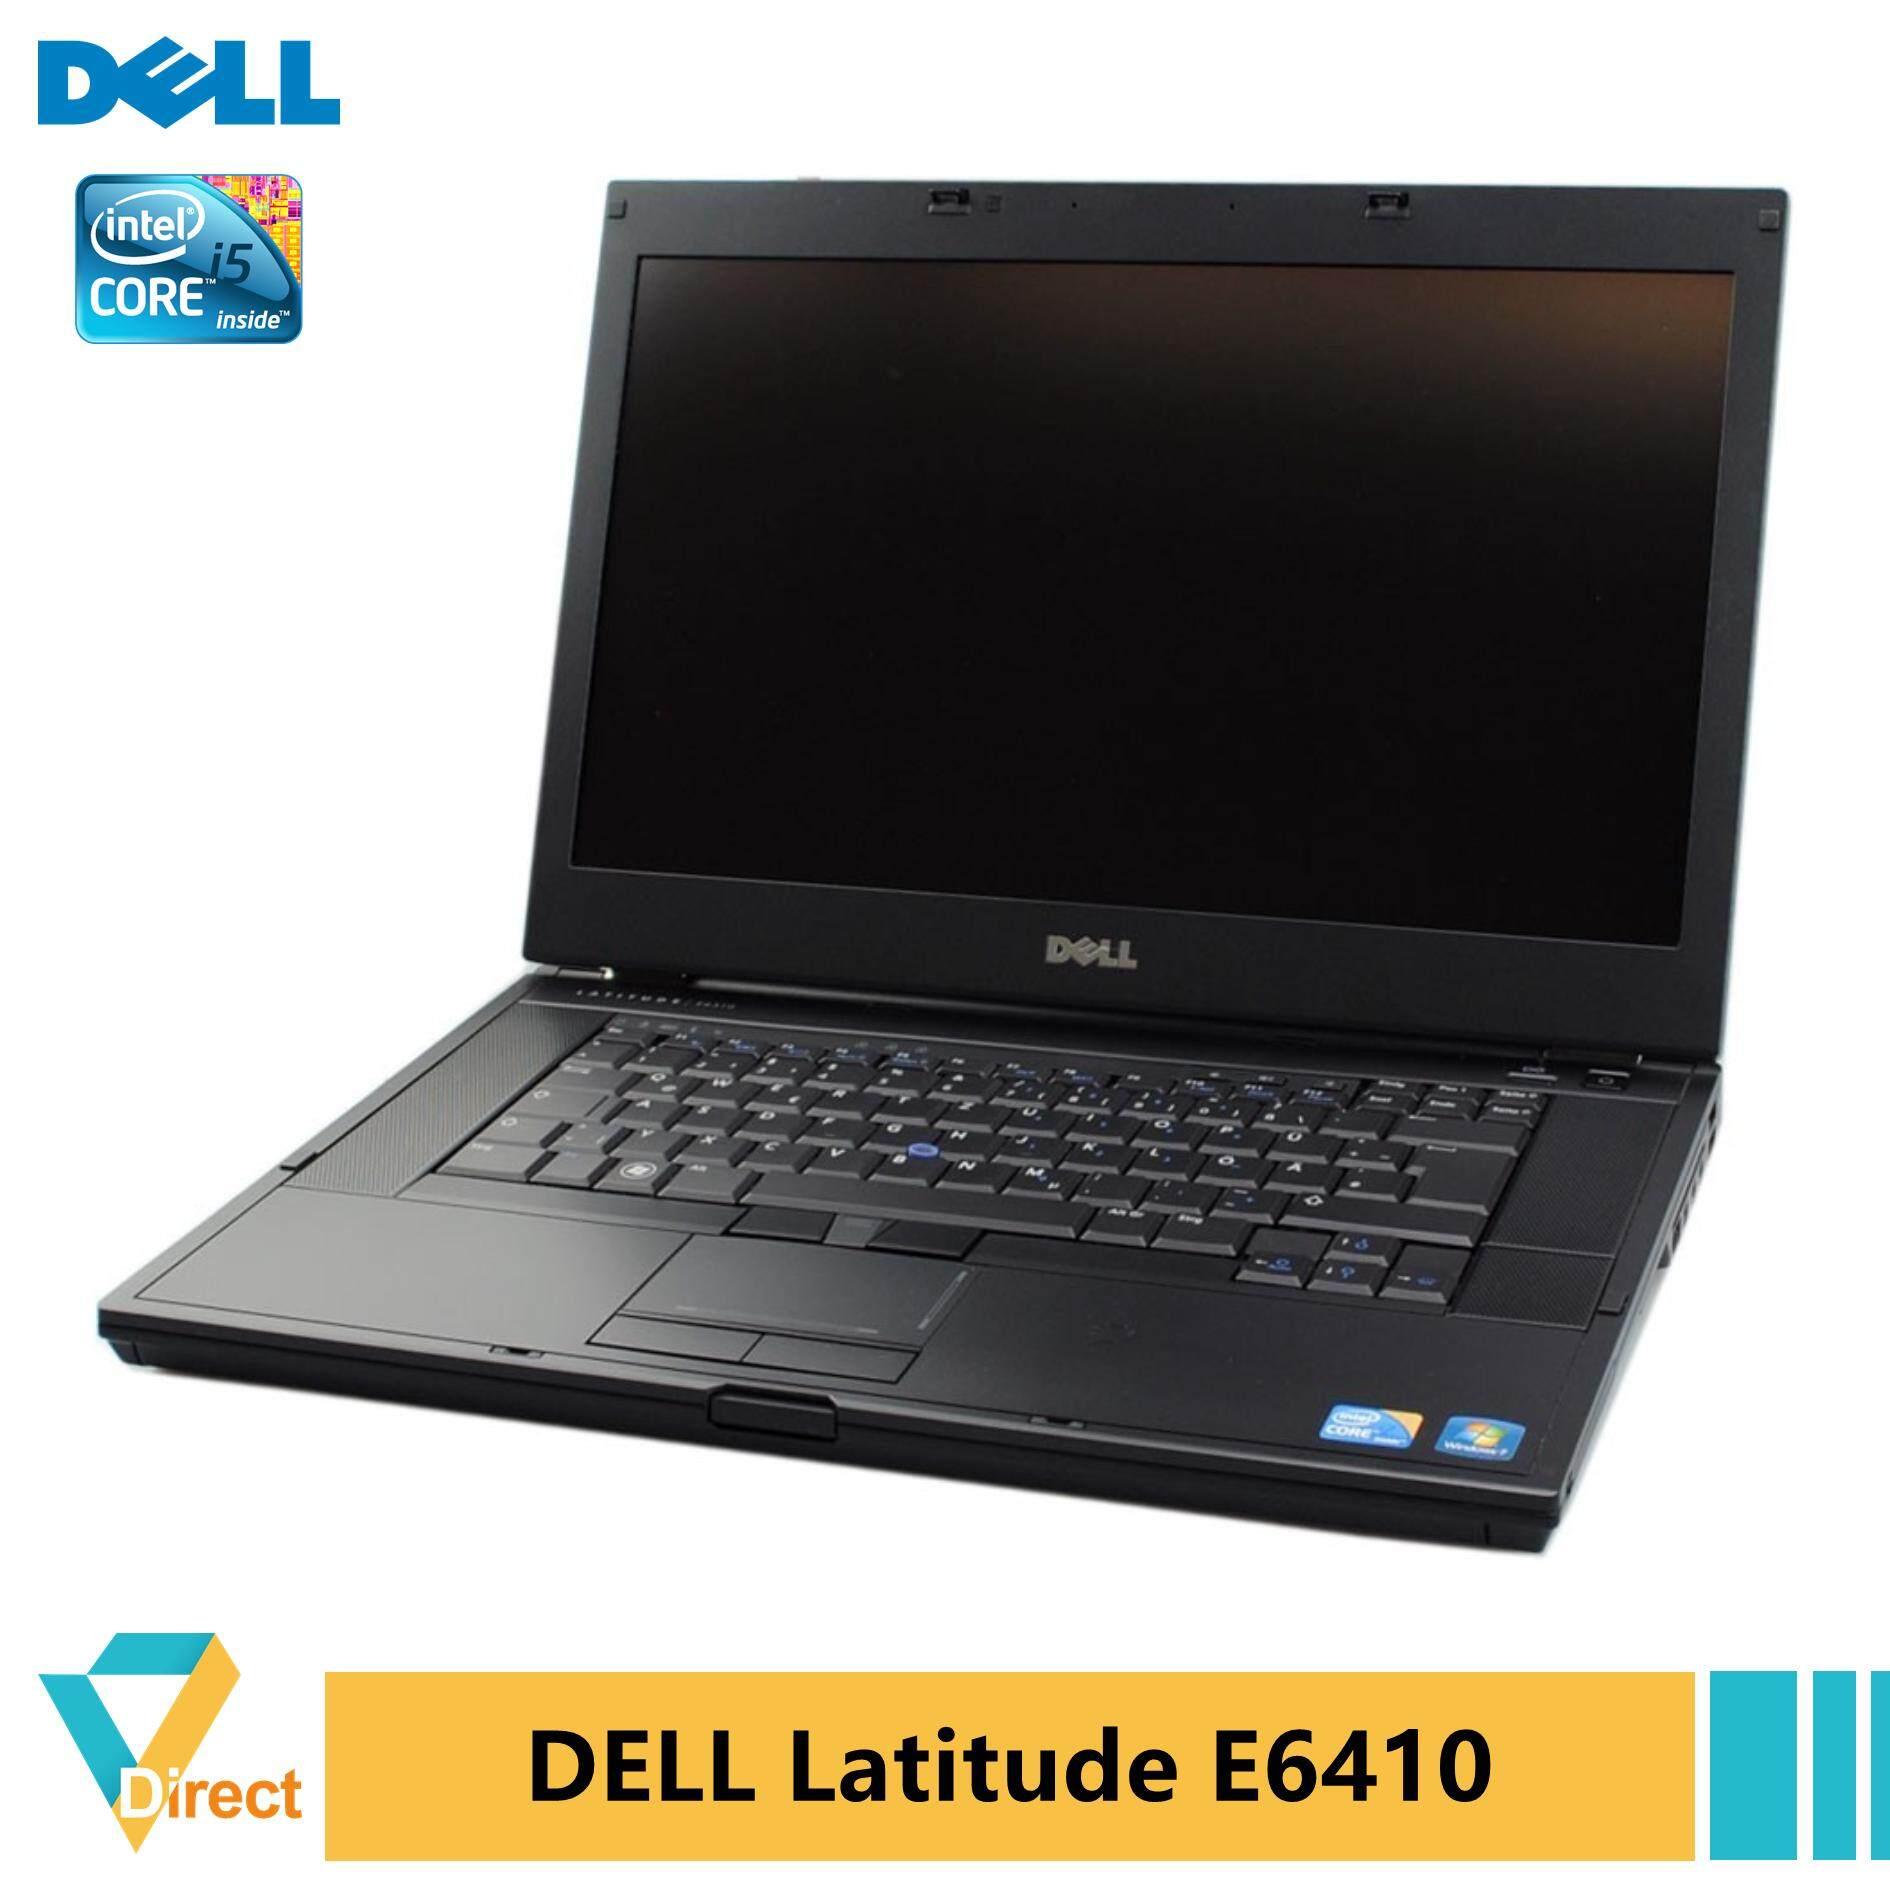 NEW BATTERY 8GB RAM 1TB SSD Core i5 Dell Latitude E6410 laptop PC  also 4GB 240GB 480GB Malaysia